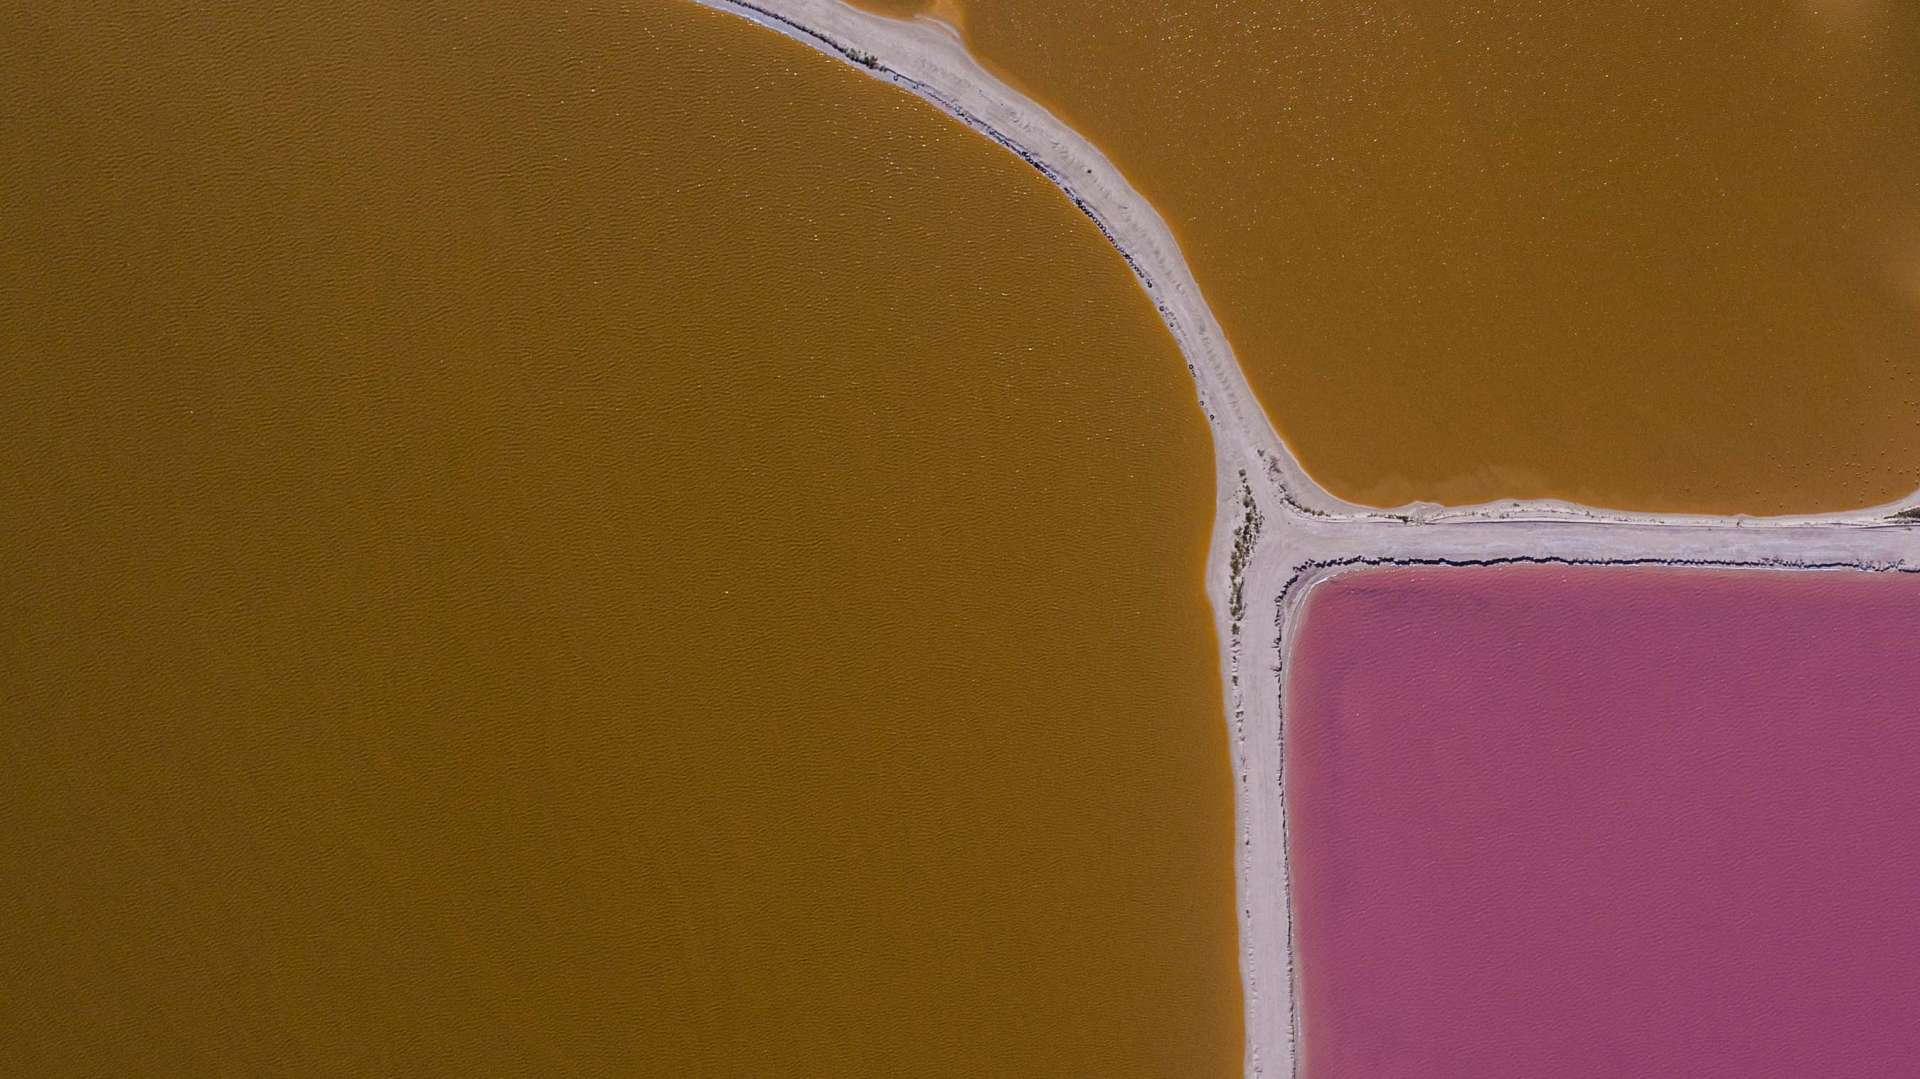 Pink lagoons Las Coloradas Yucatan Mexico Aerial View by drone Enrico Pescantini 2